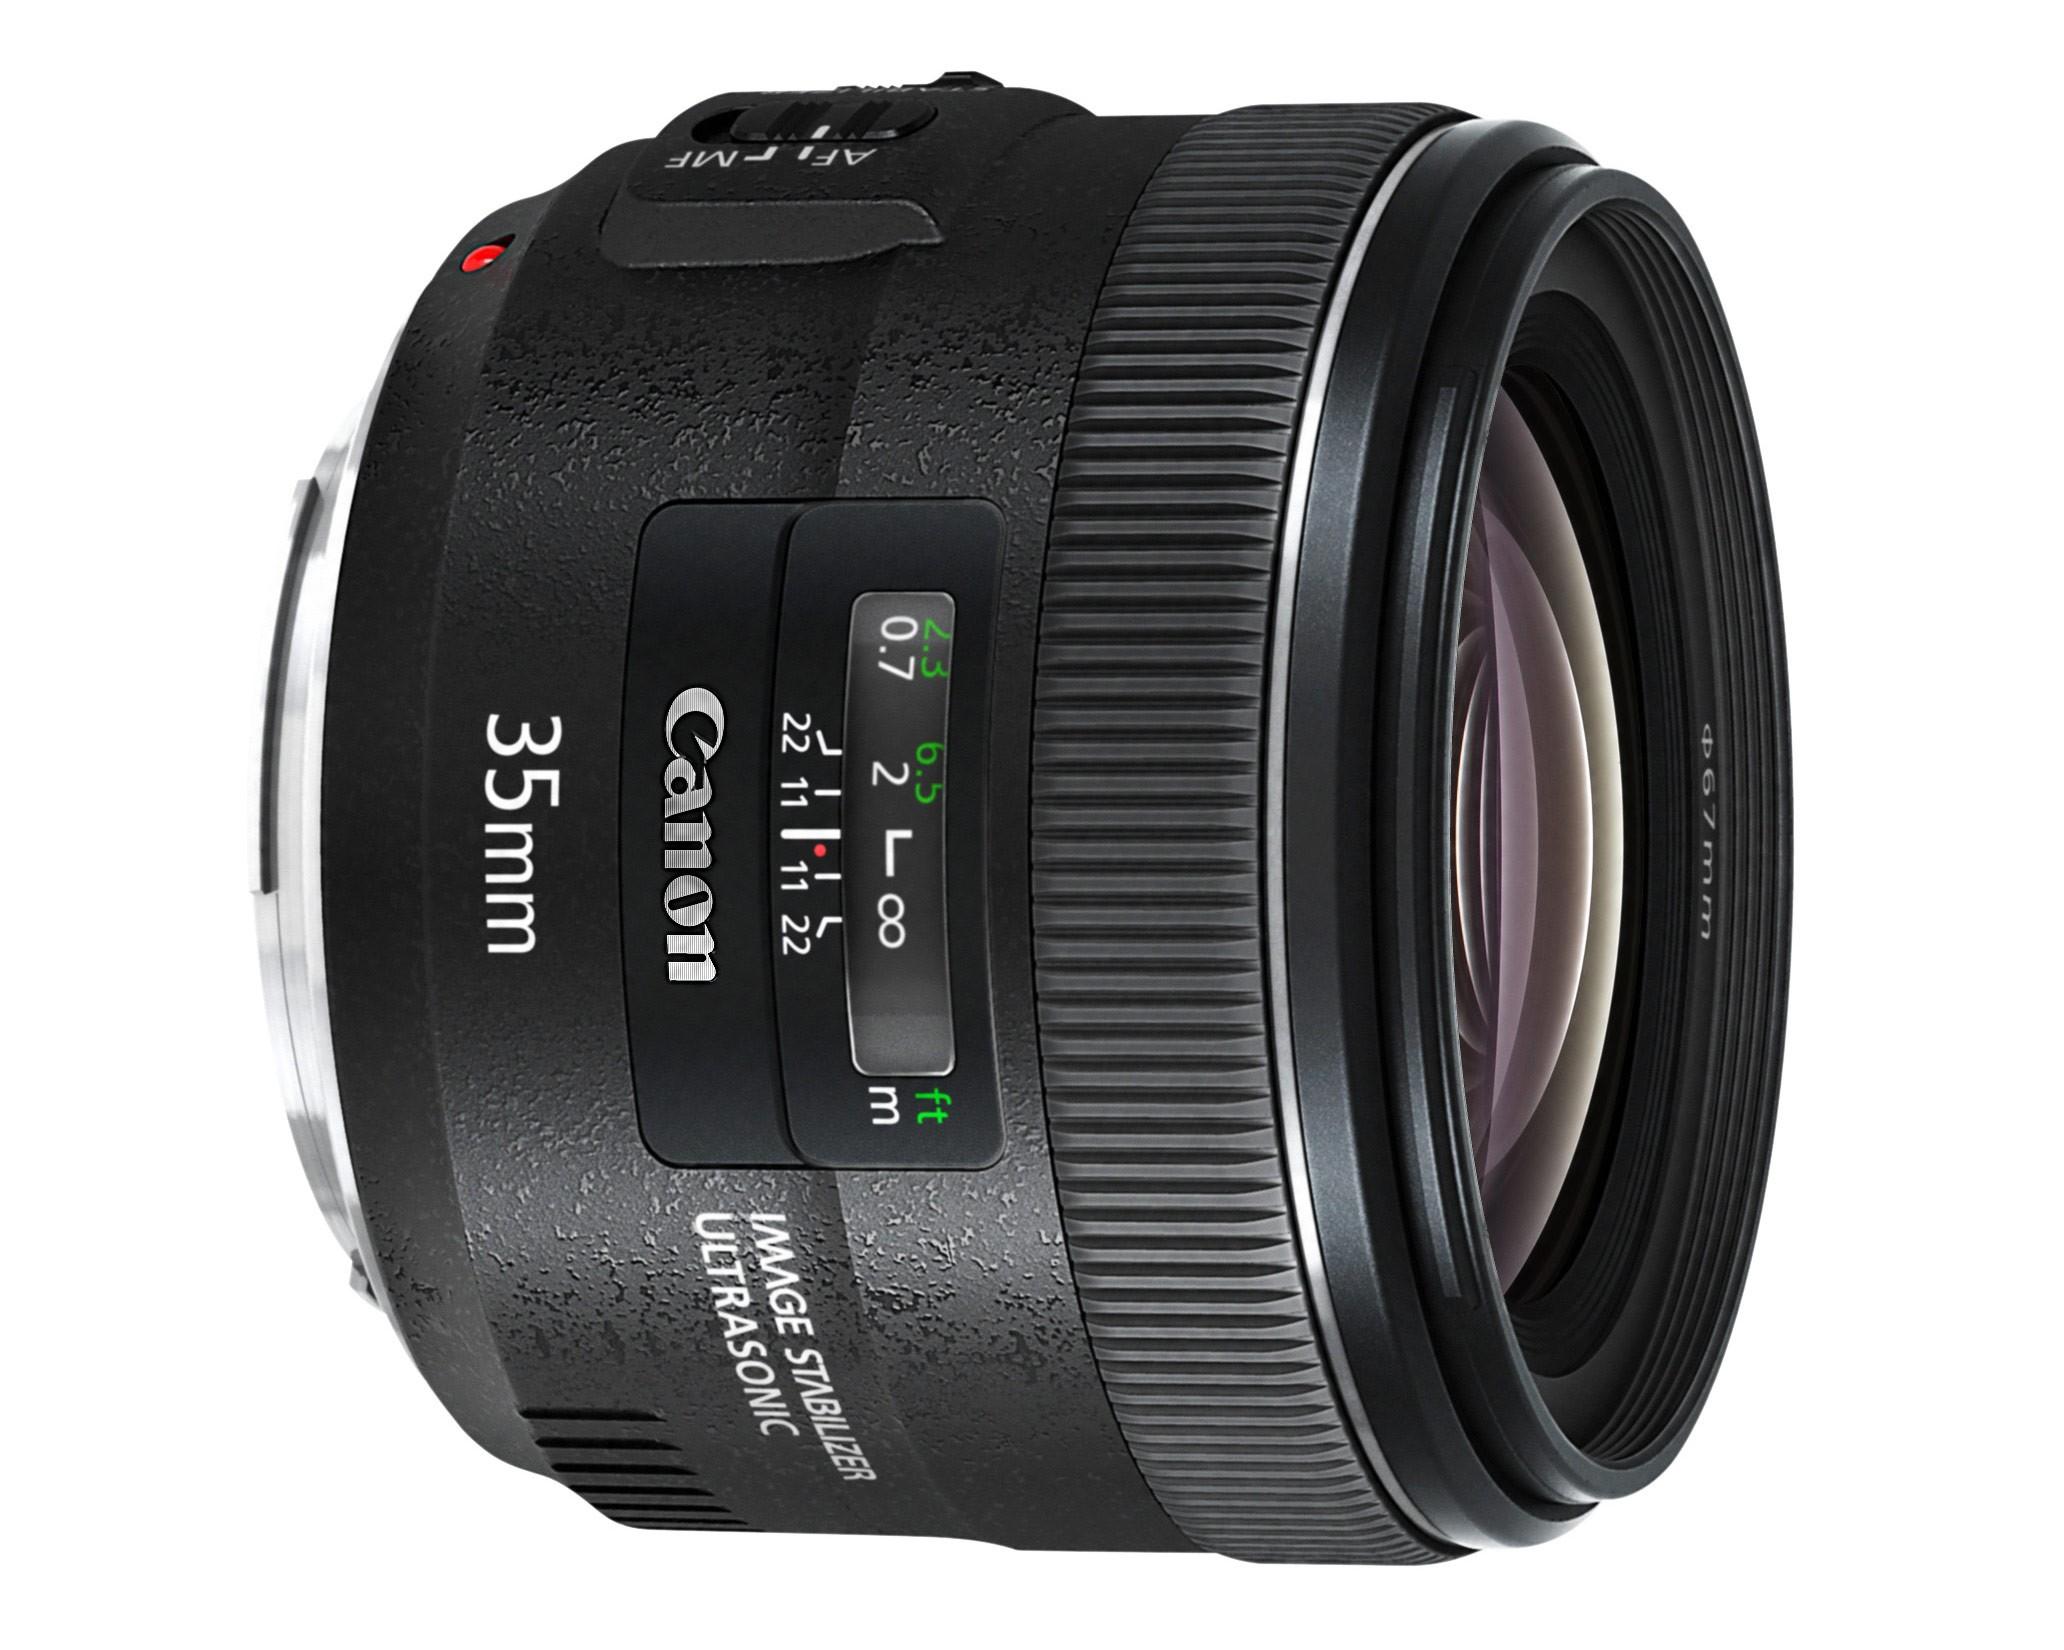 Obiettivo Canon EF 35mm f/2 IS USM